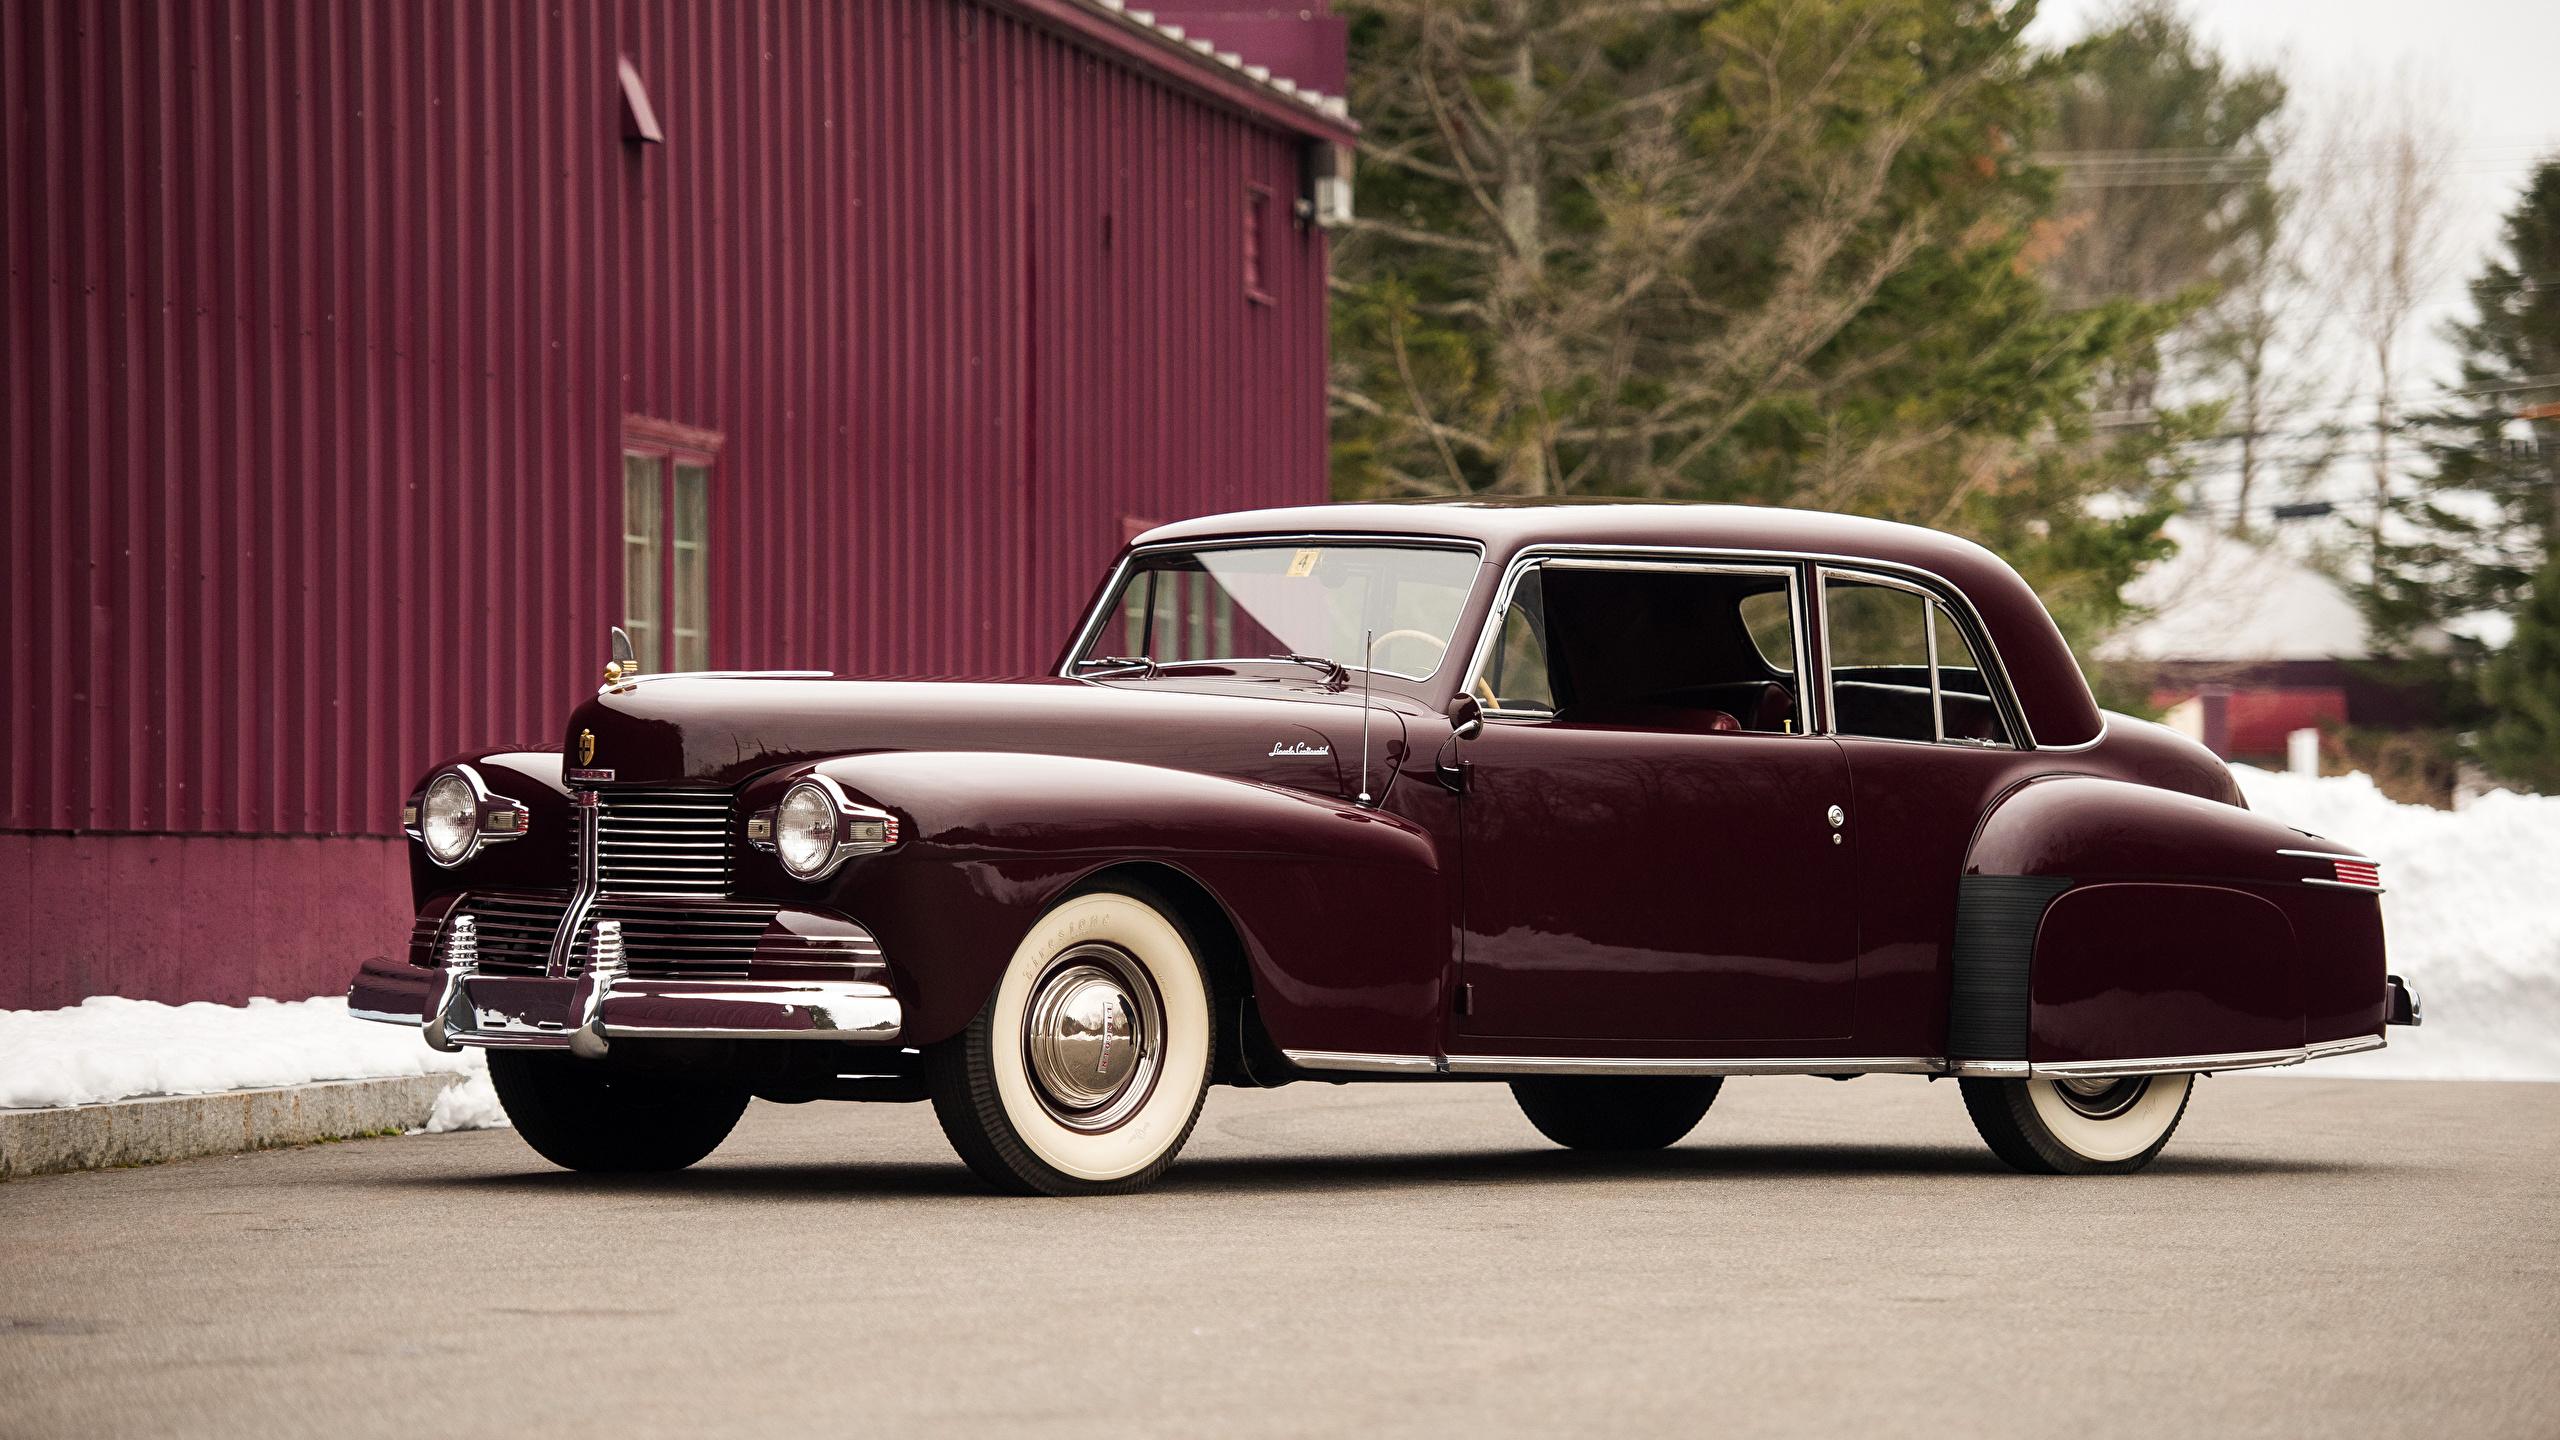 Картинка Lincoln 1942 Continental Coupe бордовая старинные авто Металлик 2560x1440 Ретро Винтаж бордовые Бордовый темно красный машина машины автомобиль Автомобили